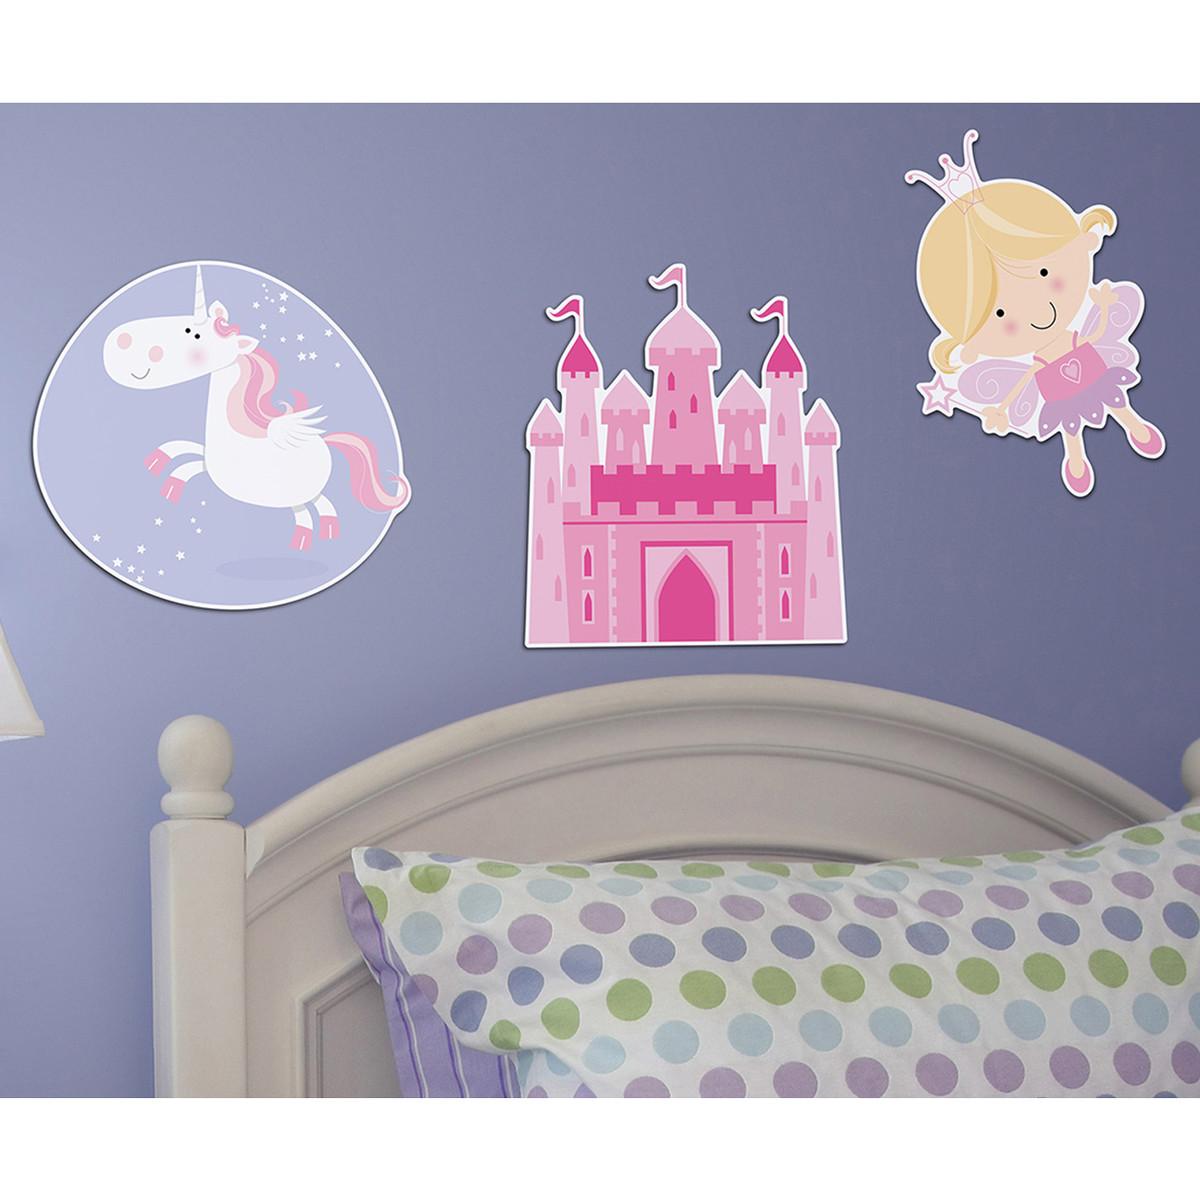 Παιδικά Αφρώδη Αυτοκόλλητα Τοίχου Ango Happy Fairies 11208 home   παιδικά   παιδική διακόσμηση